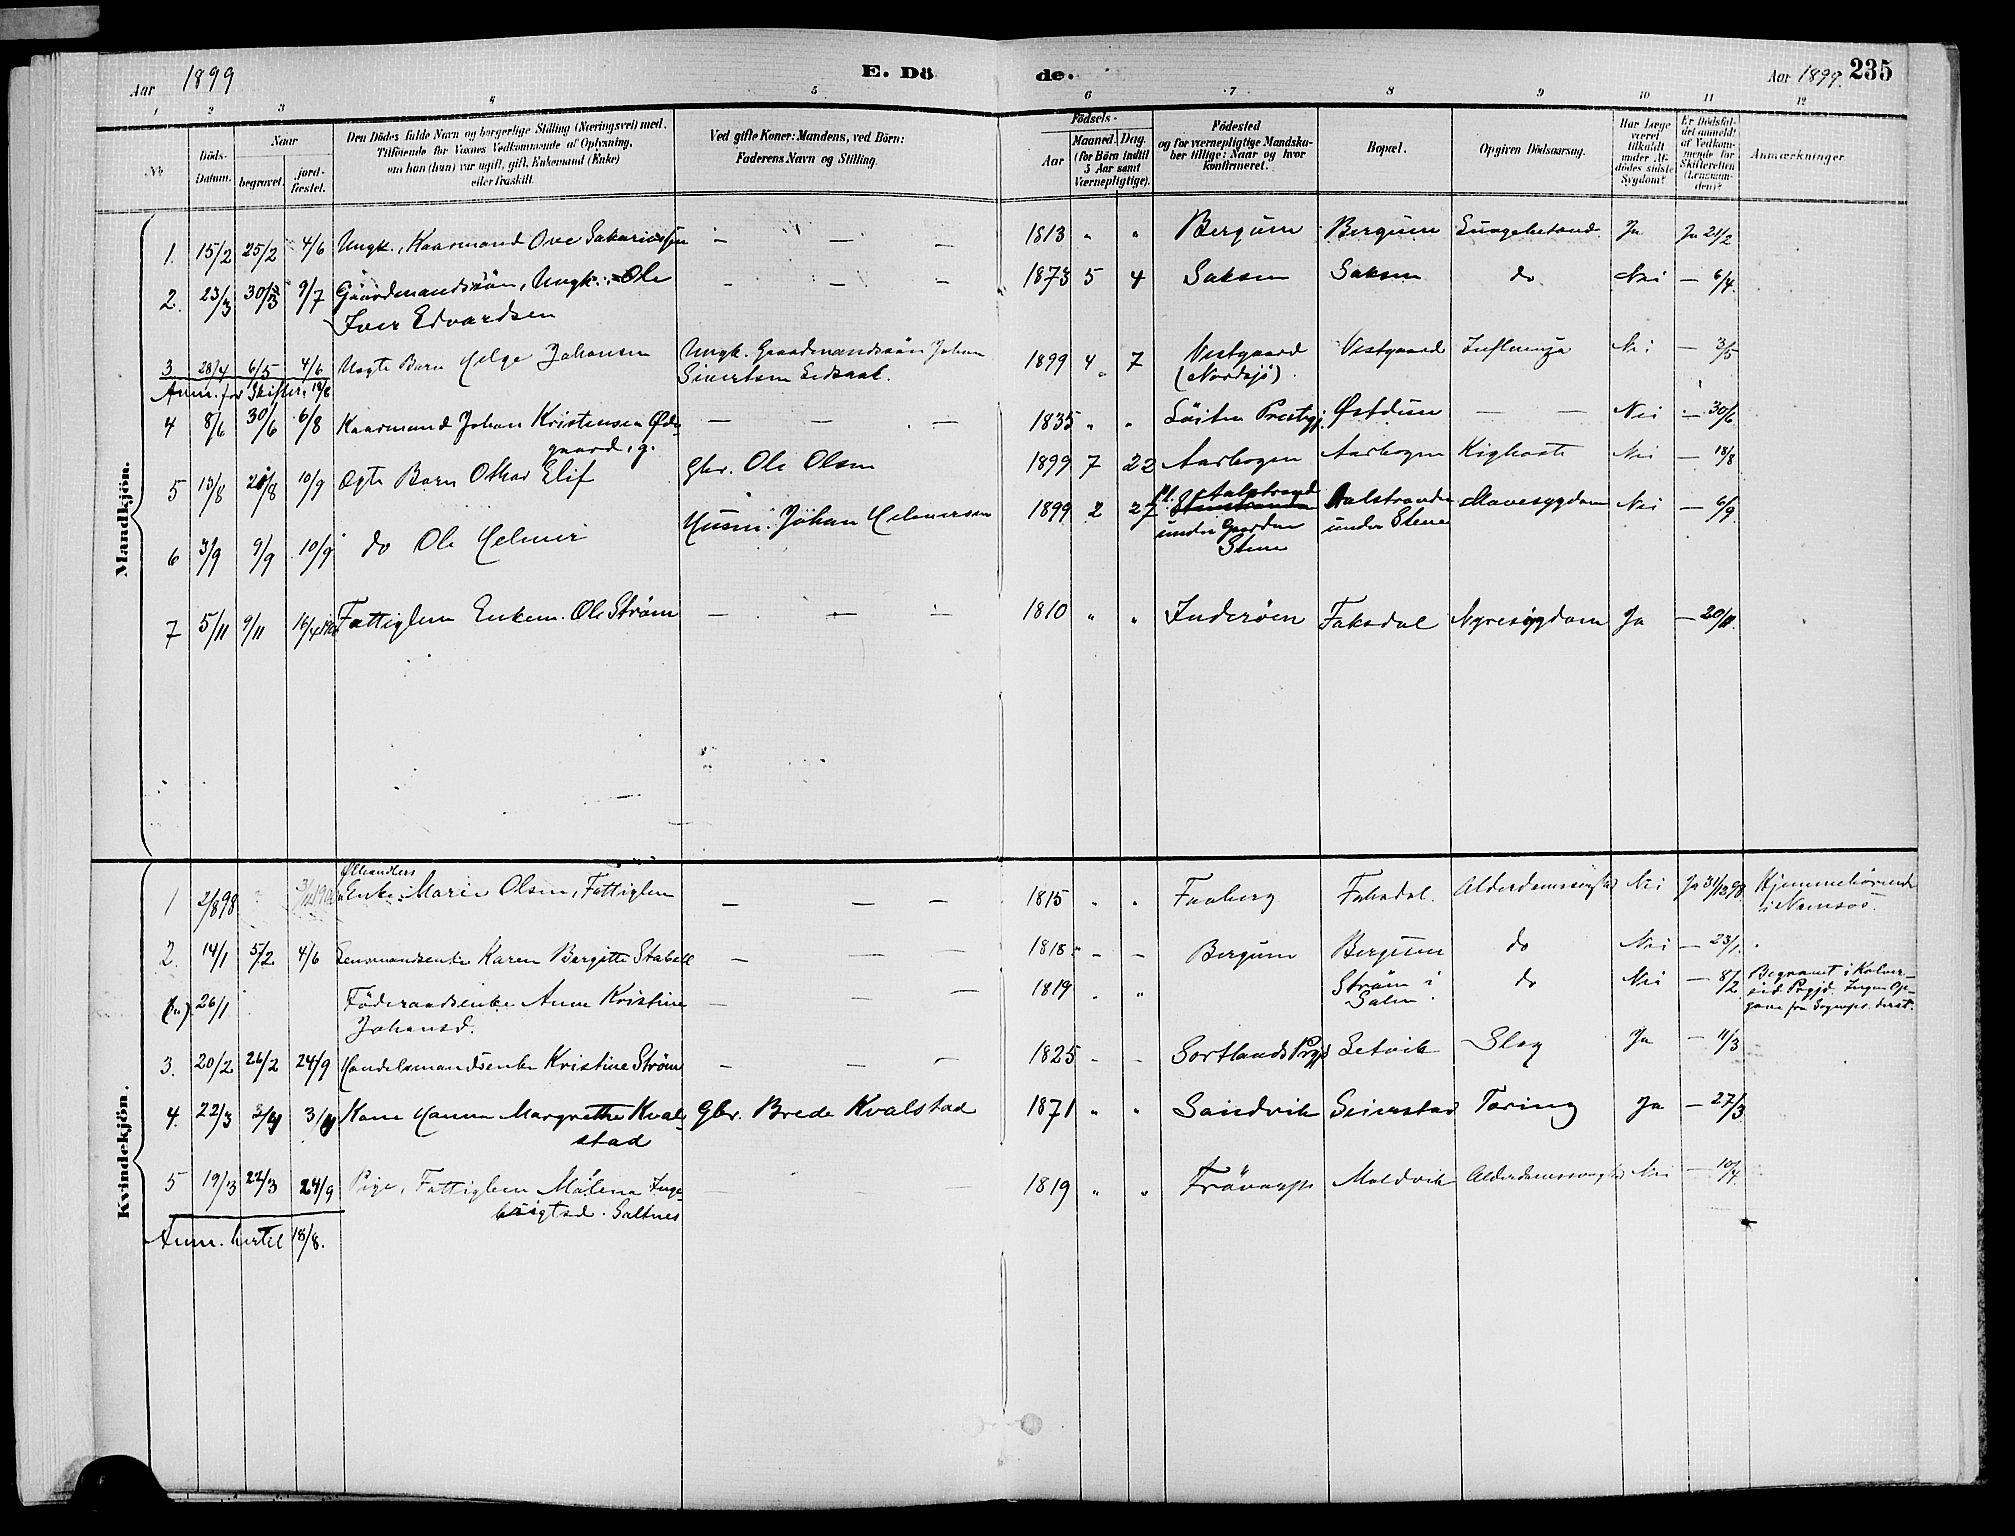 SAT, Ministerialprotokoller, klokkerbøker og fødselsregistre - Nord-Trøndelag, 773/L0617: Ministerialbok nr. 773A08, 1887-1910, s. 235